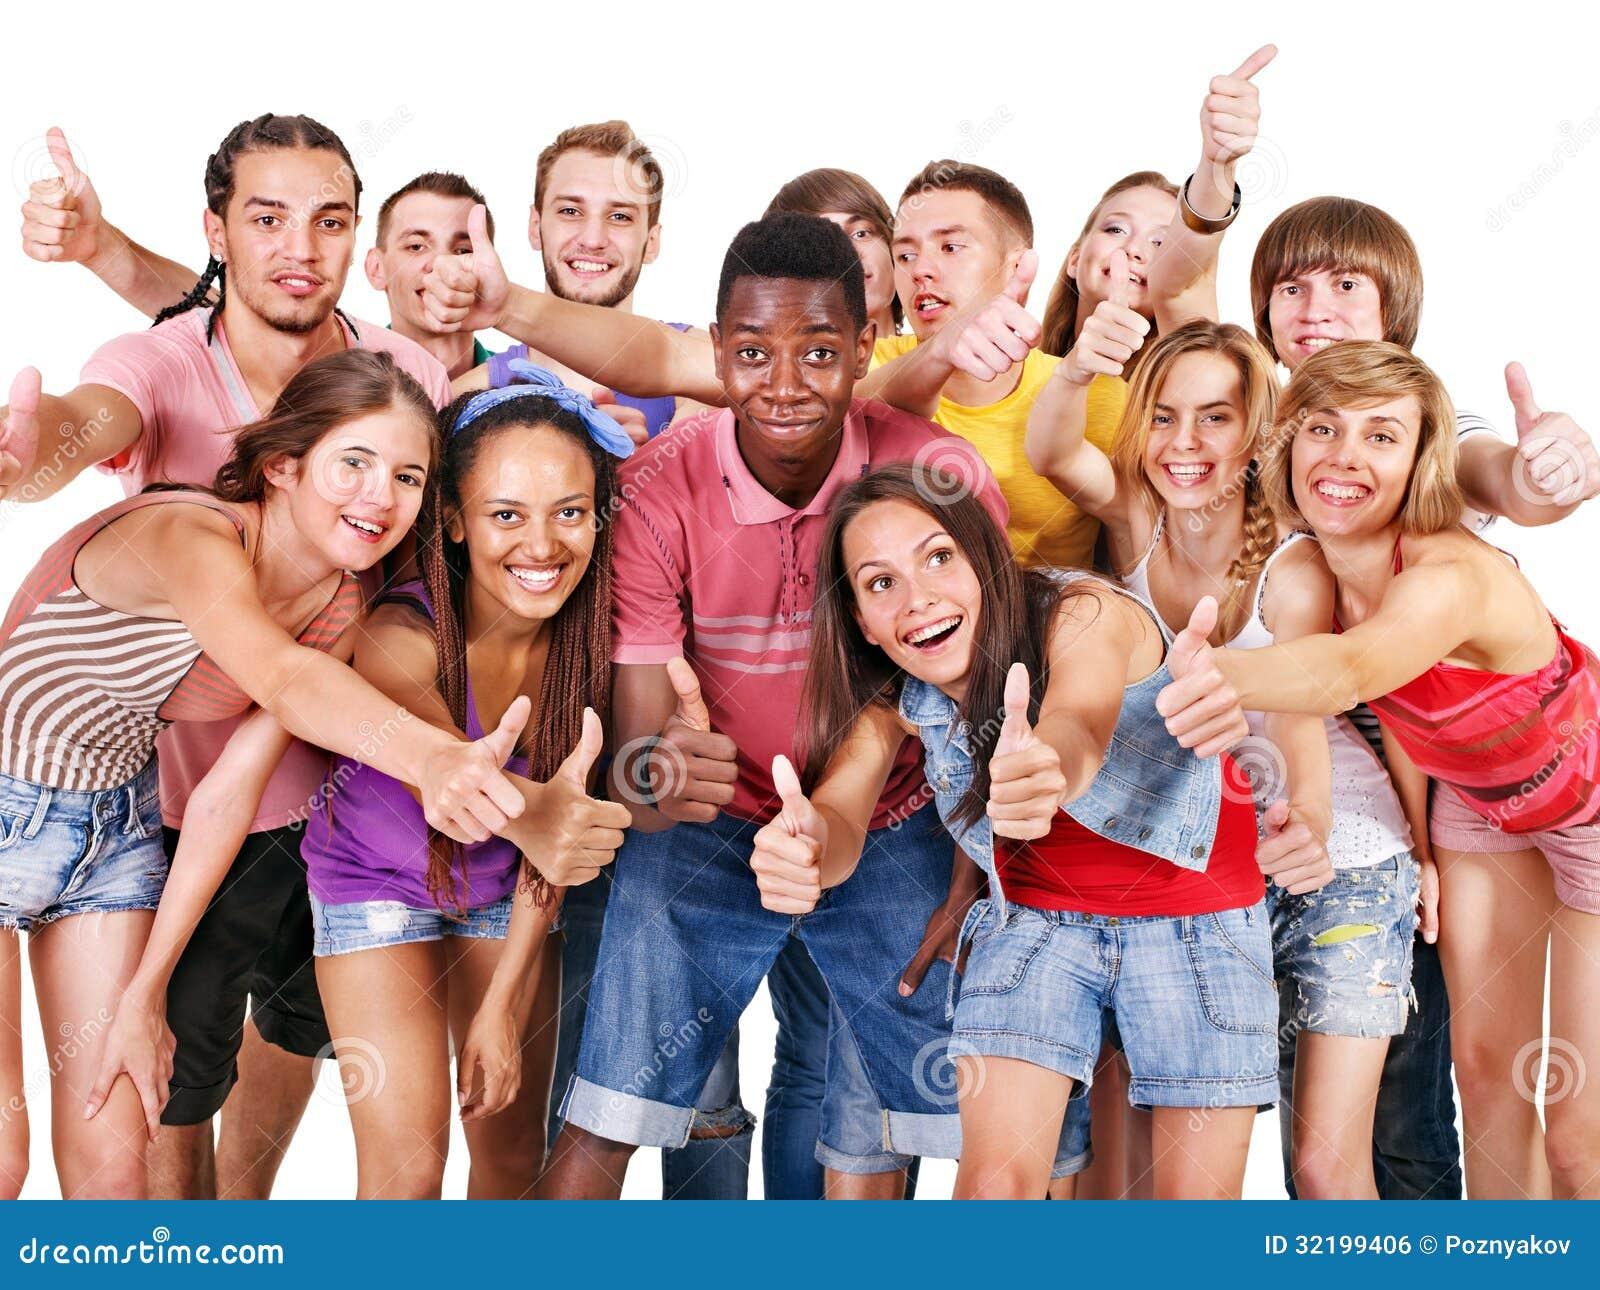 Фото девушек с молодым человеком 17 фотография